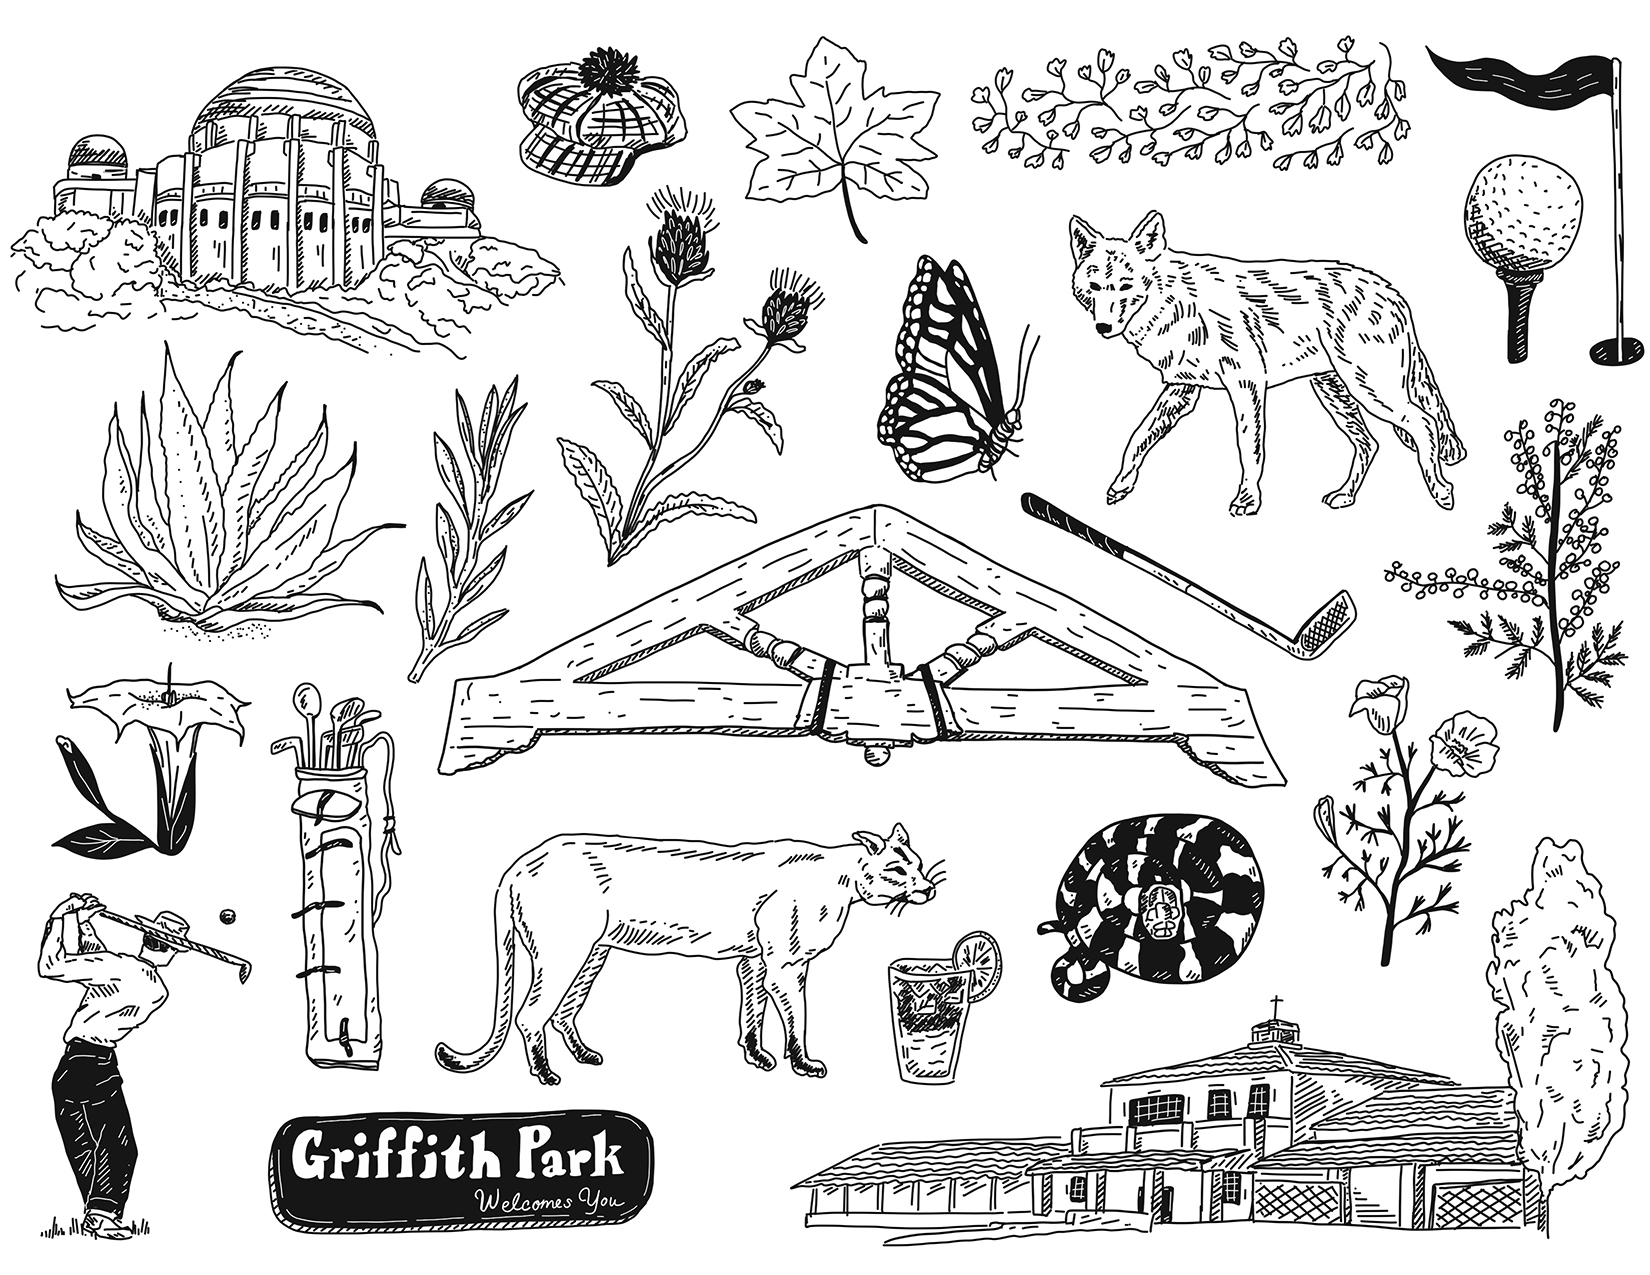 Griffith Park/Wilson & Harding Golf Club Flash